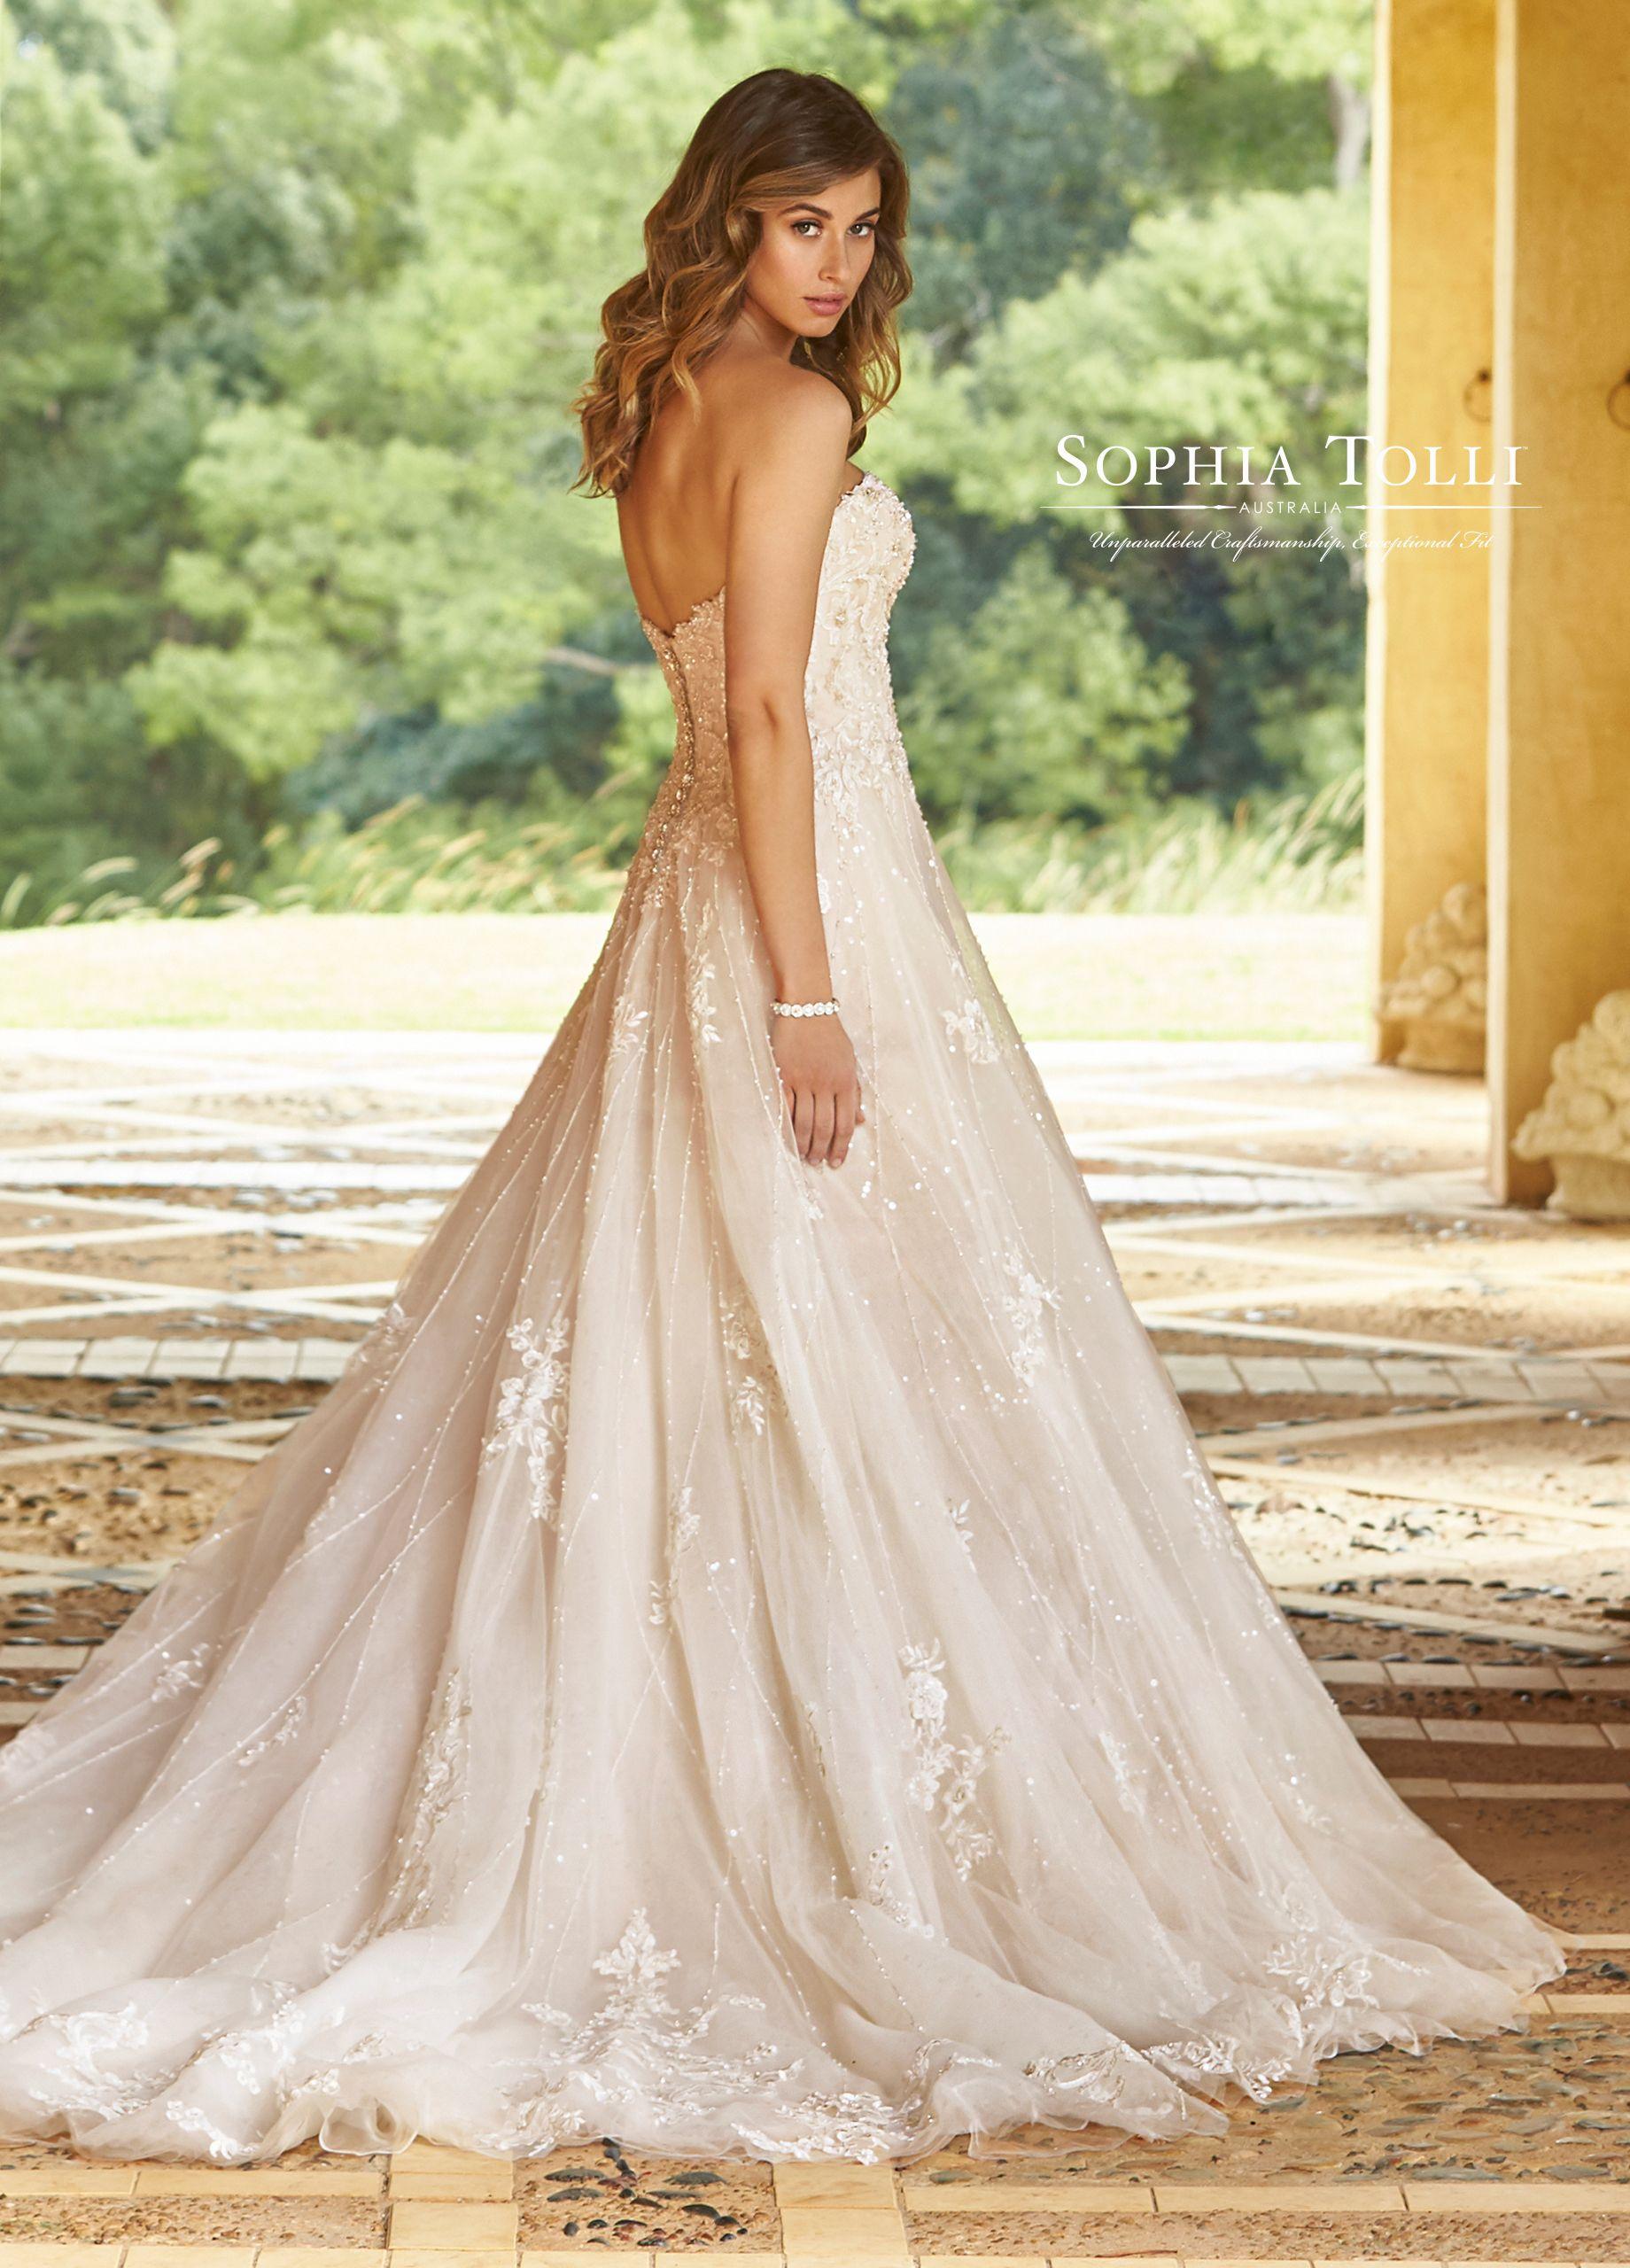 Sophia Tolli Aspen Sophia Tolli Wedding Dresses Wedding Dresses Princess Wedding Dresses